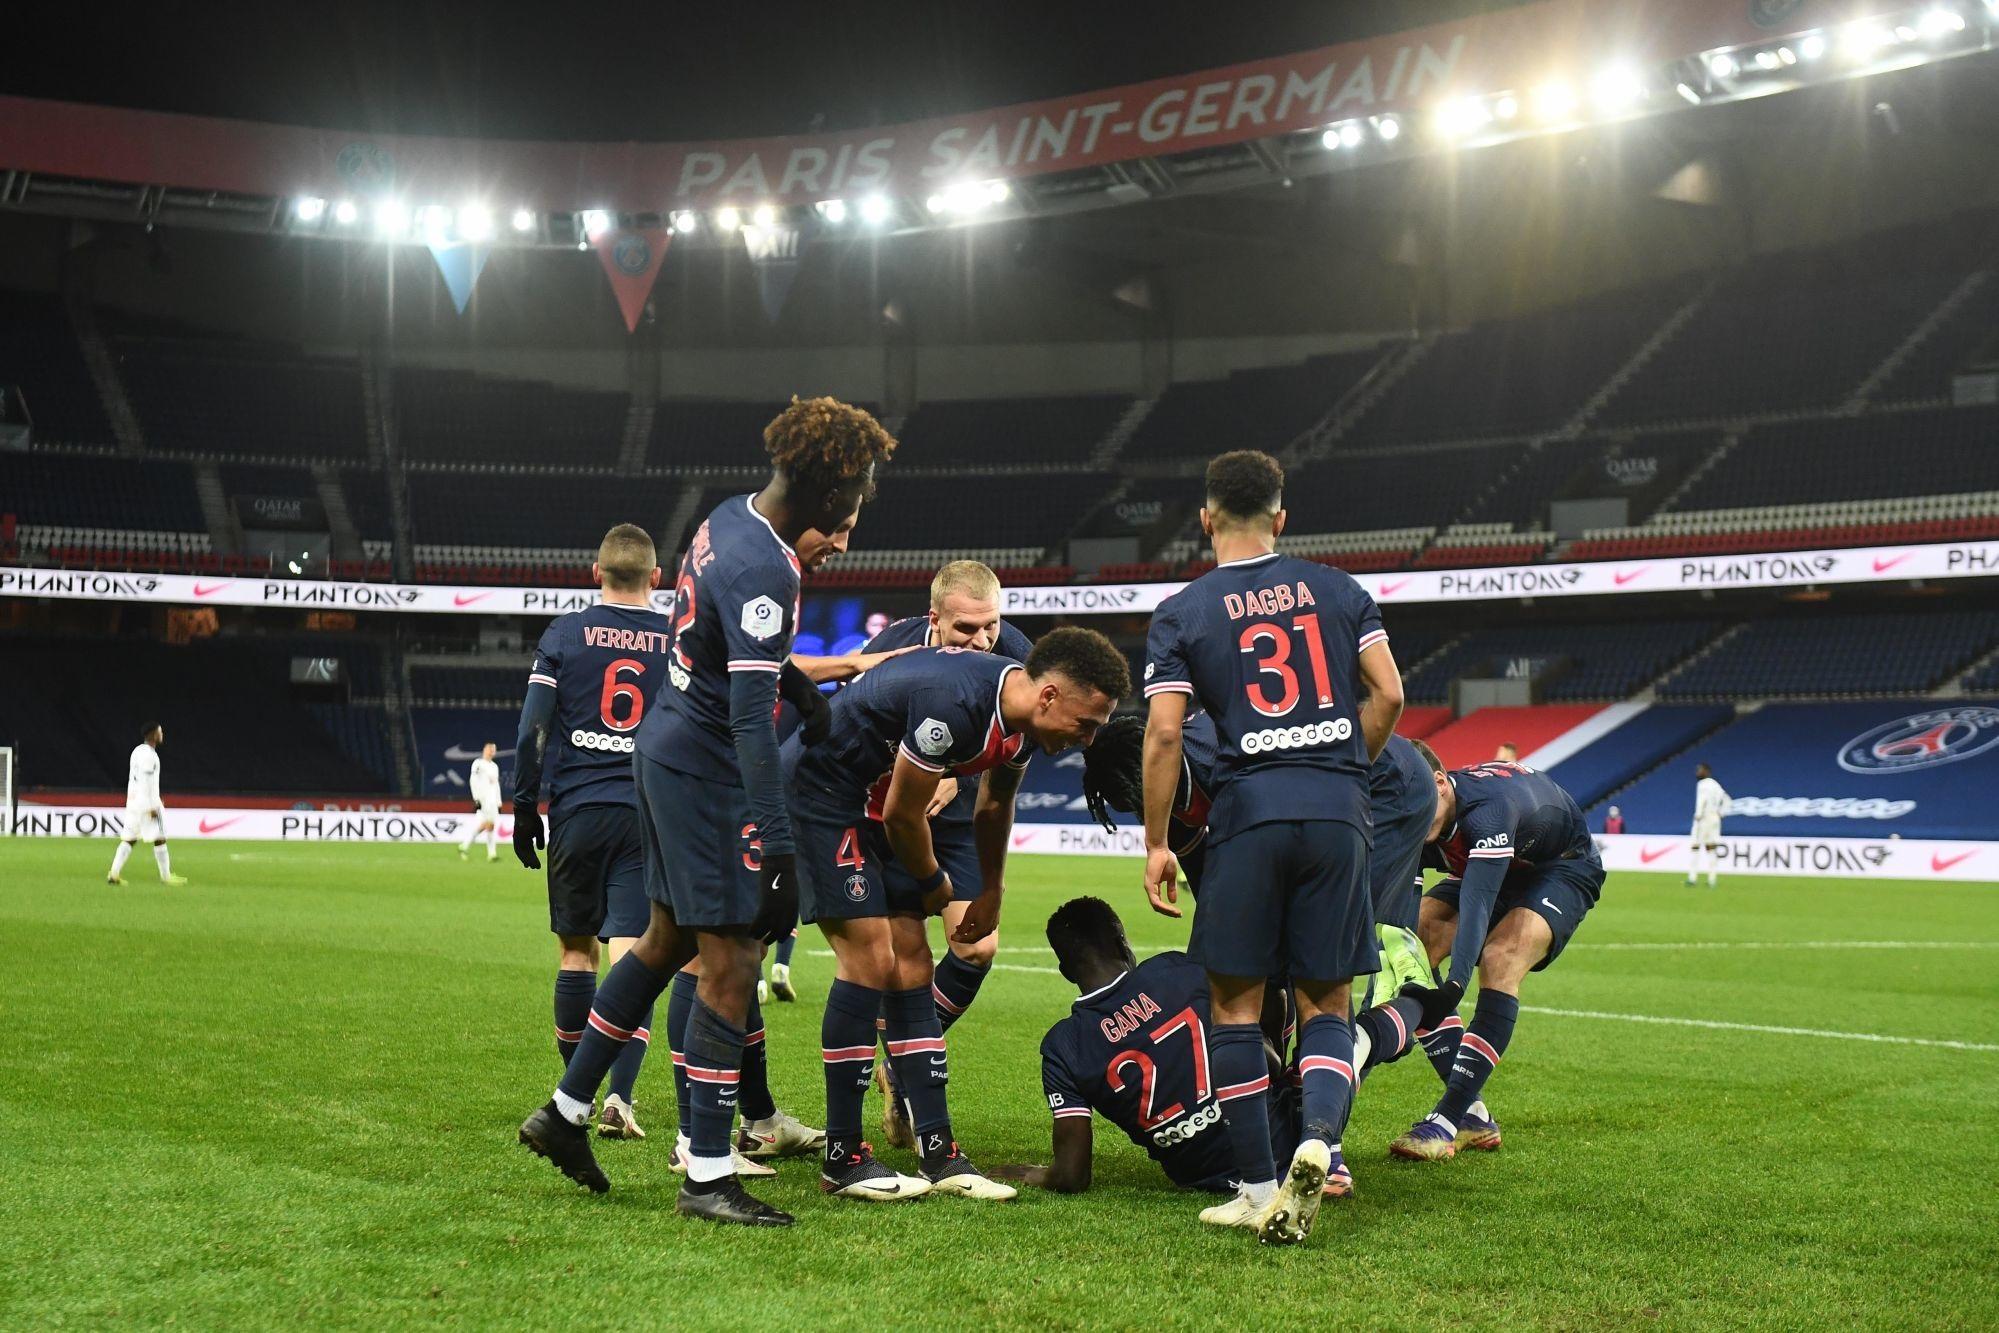 PSG/Strasbourg - Votez pour le meilleur joueur parisien